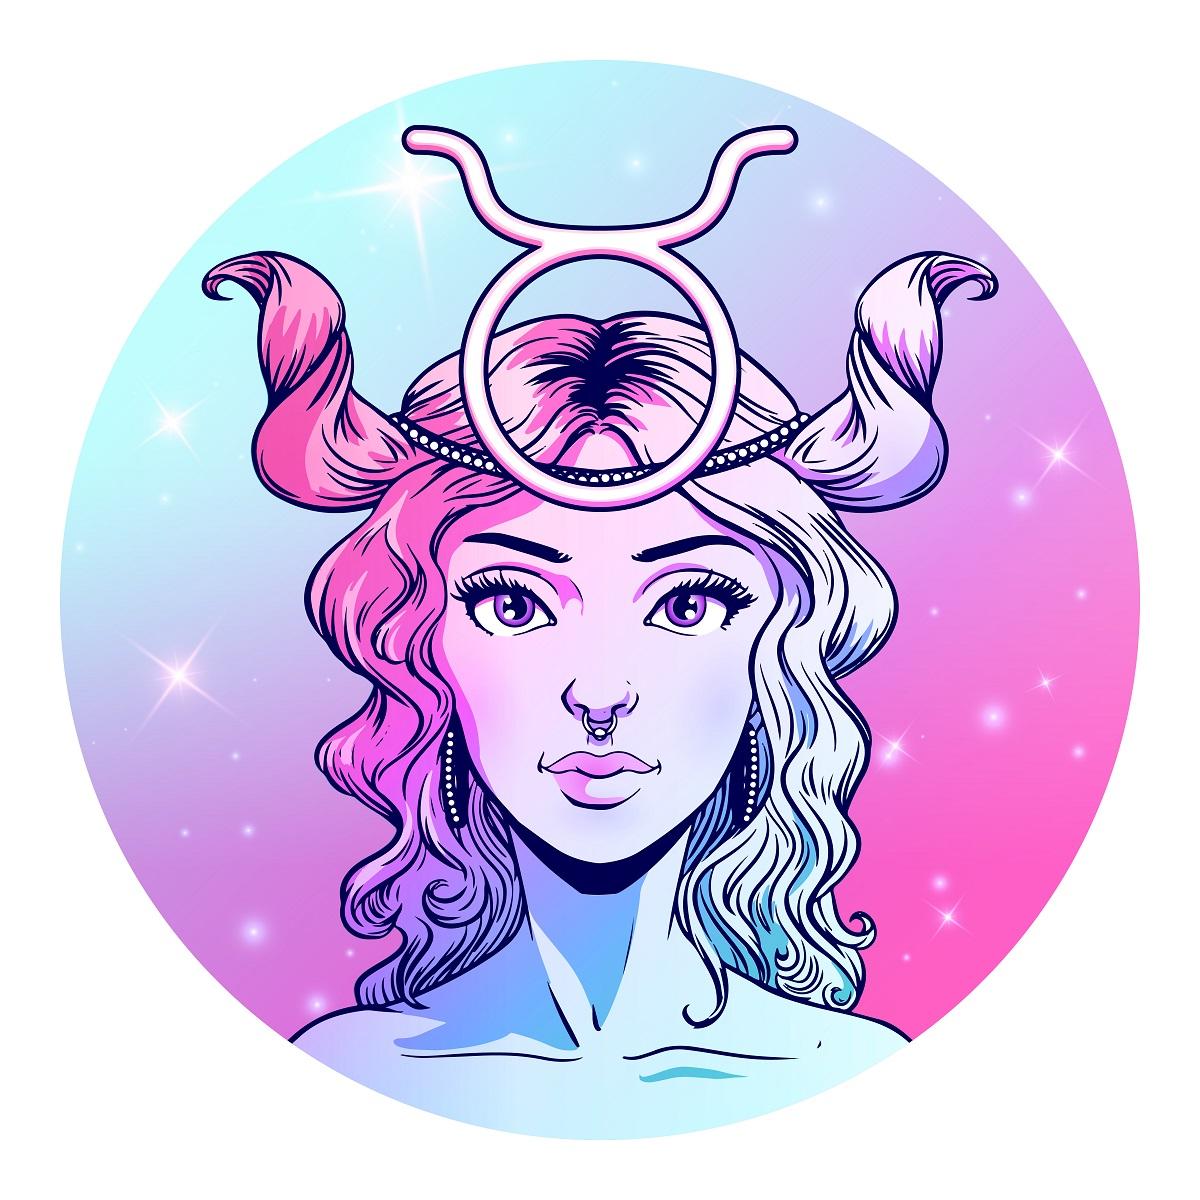 O femeie frumoasă în zodia Taur care are părul prins iar pe cap poartă semnul său zodiacal